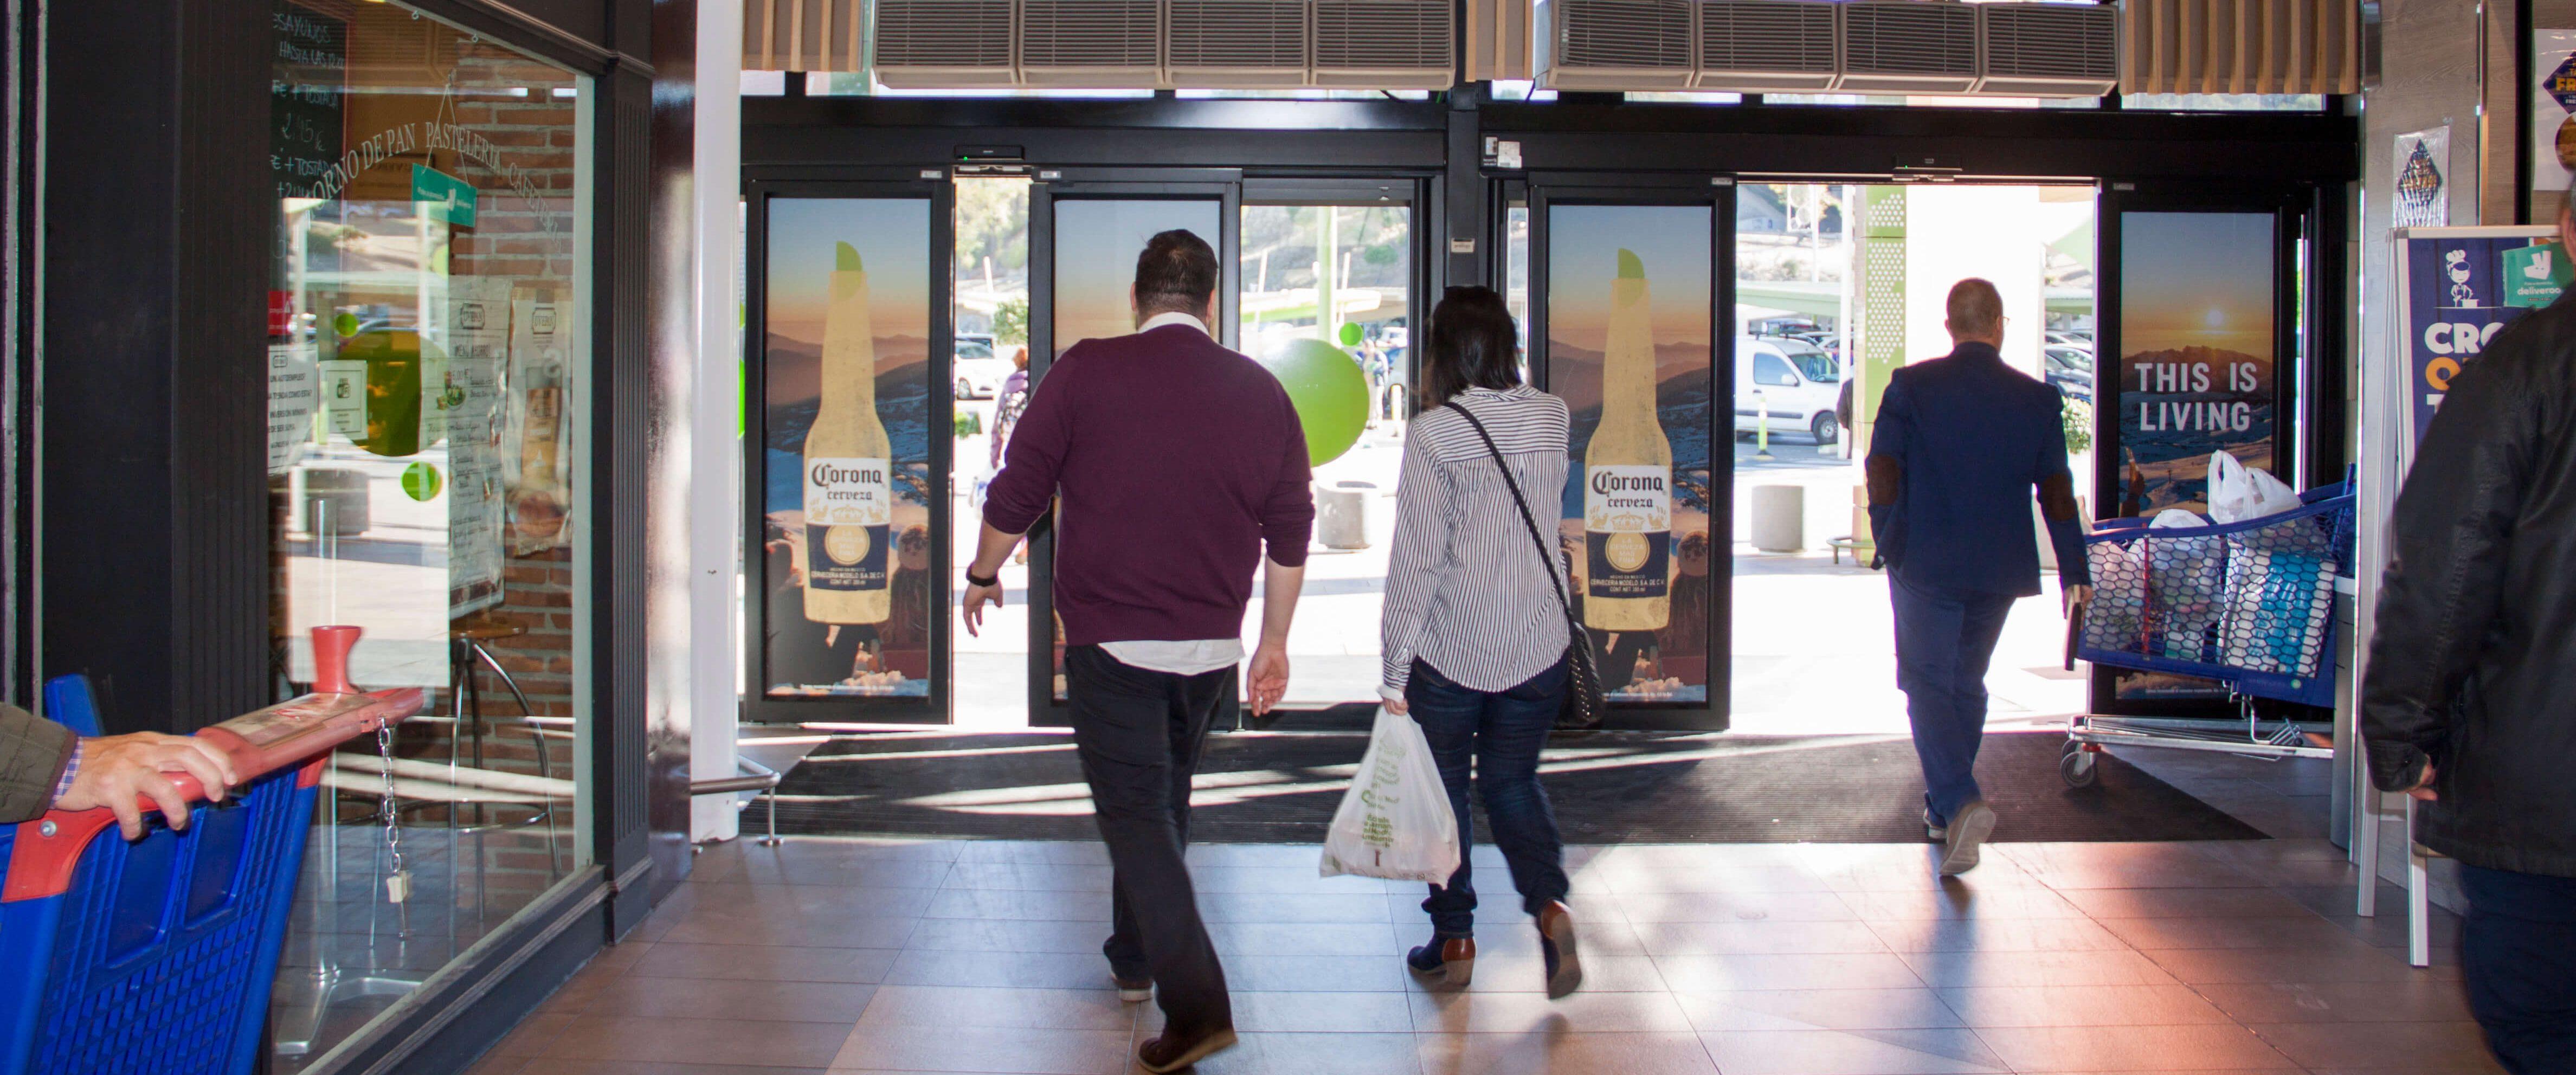 Publicidad de Corona en centros comerciales